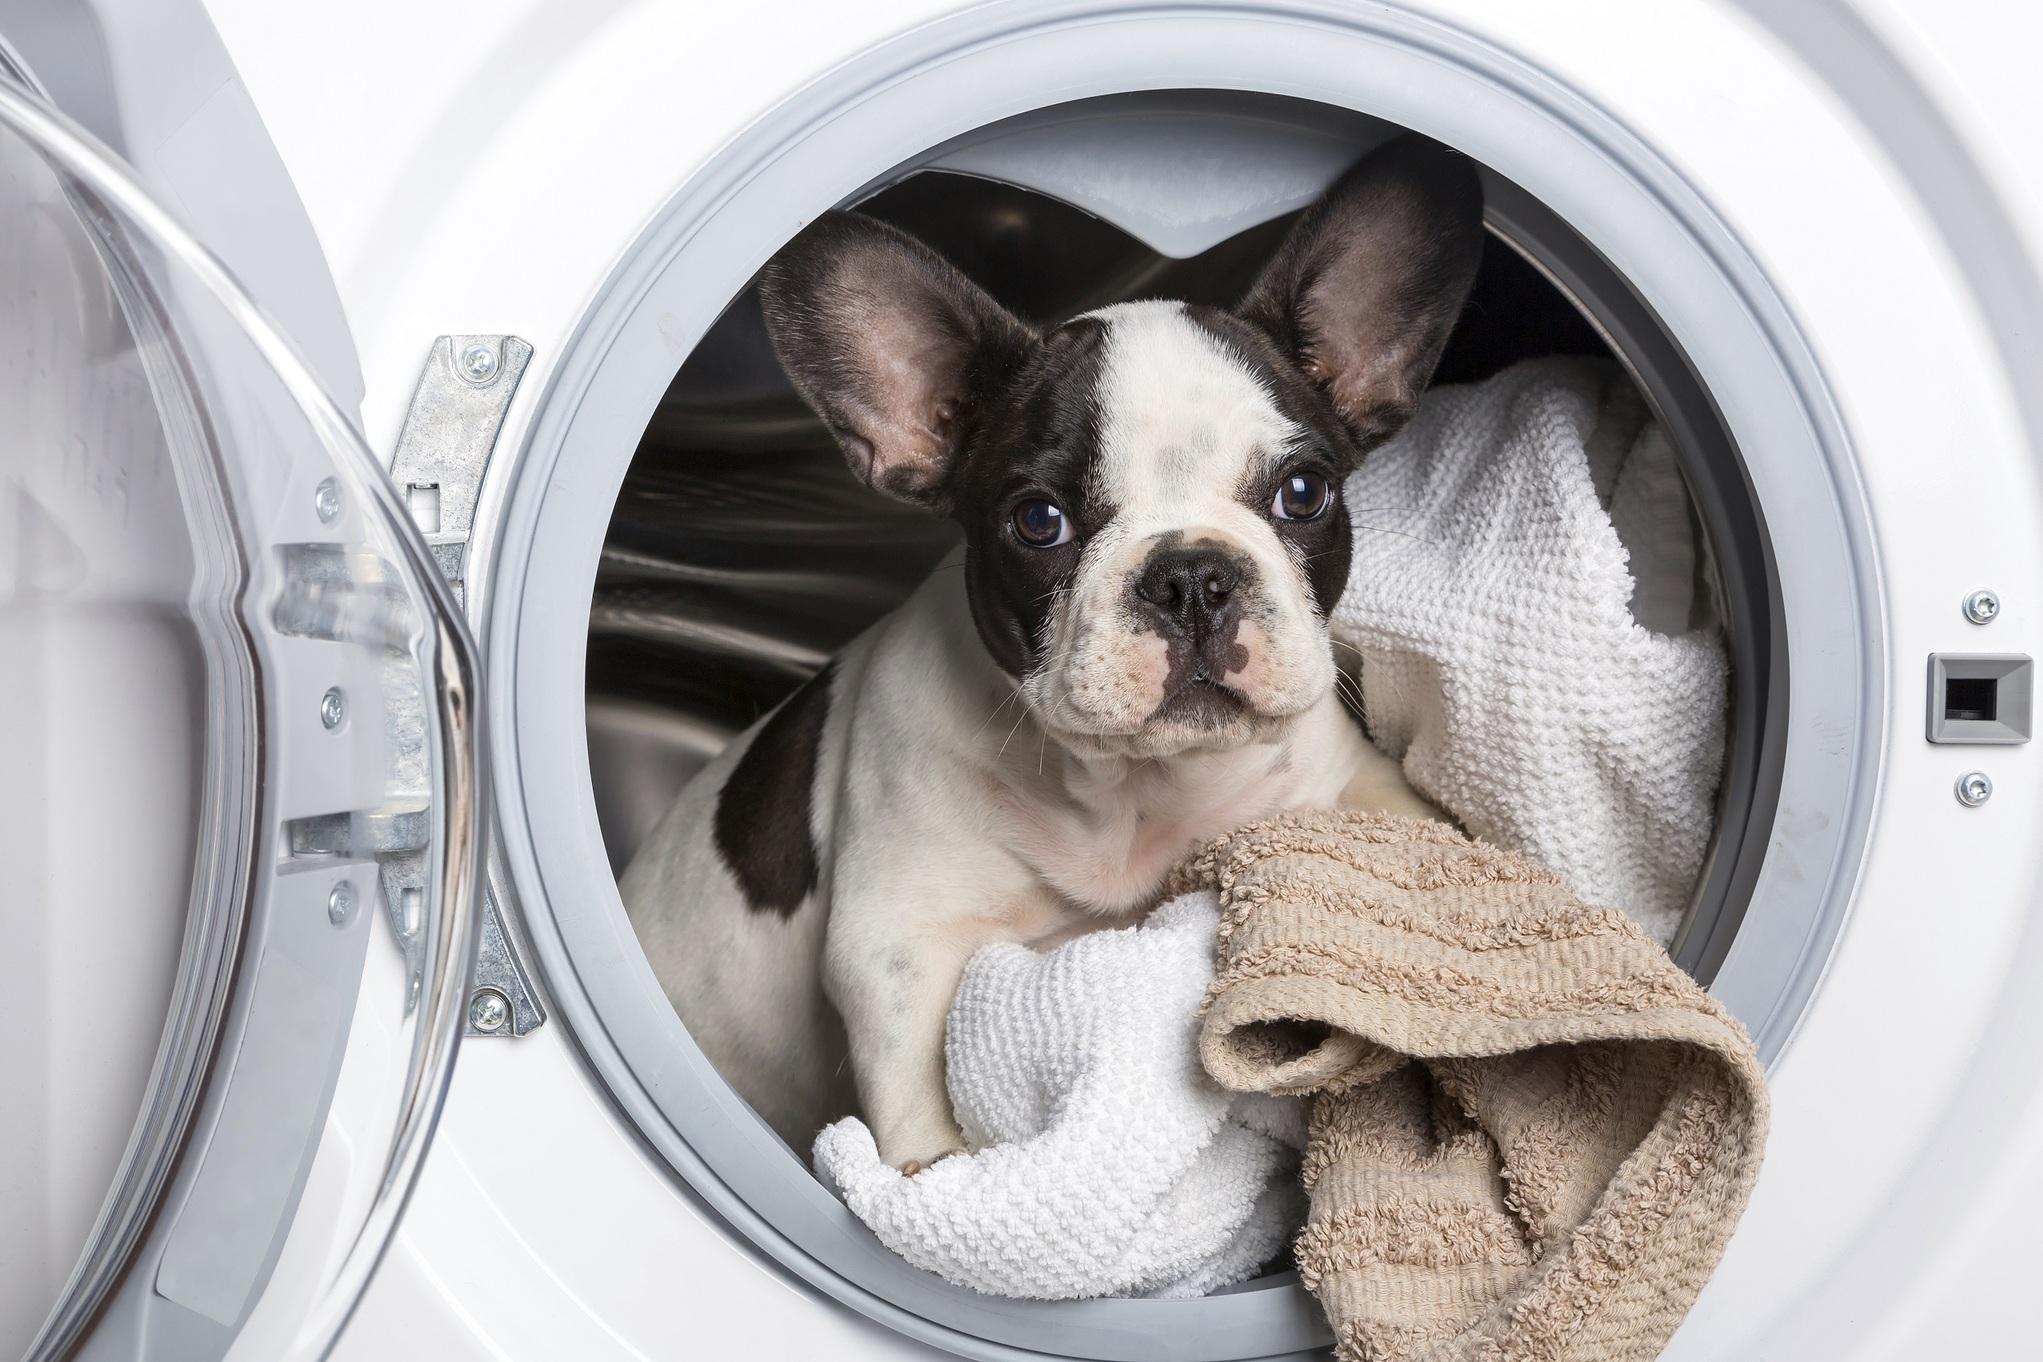 〈2015年9月〉台灣網路消費者對「洗衣機」購買行為與通路品牌分析-EAGLEEYE鷹眼數據